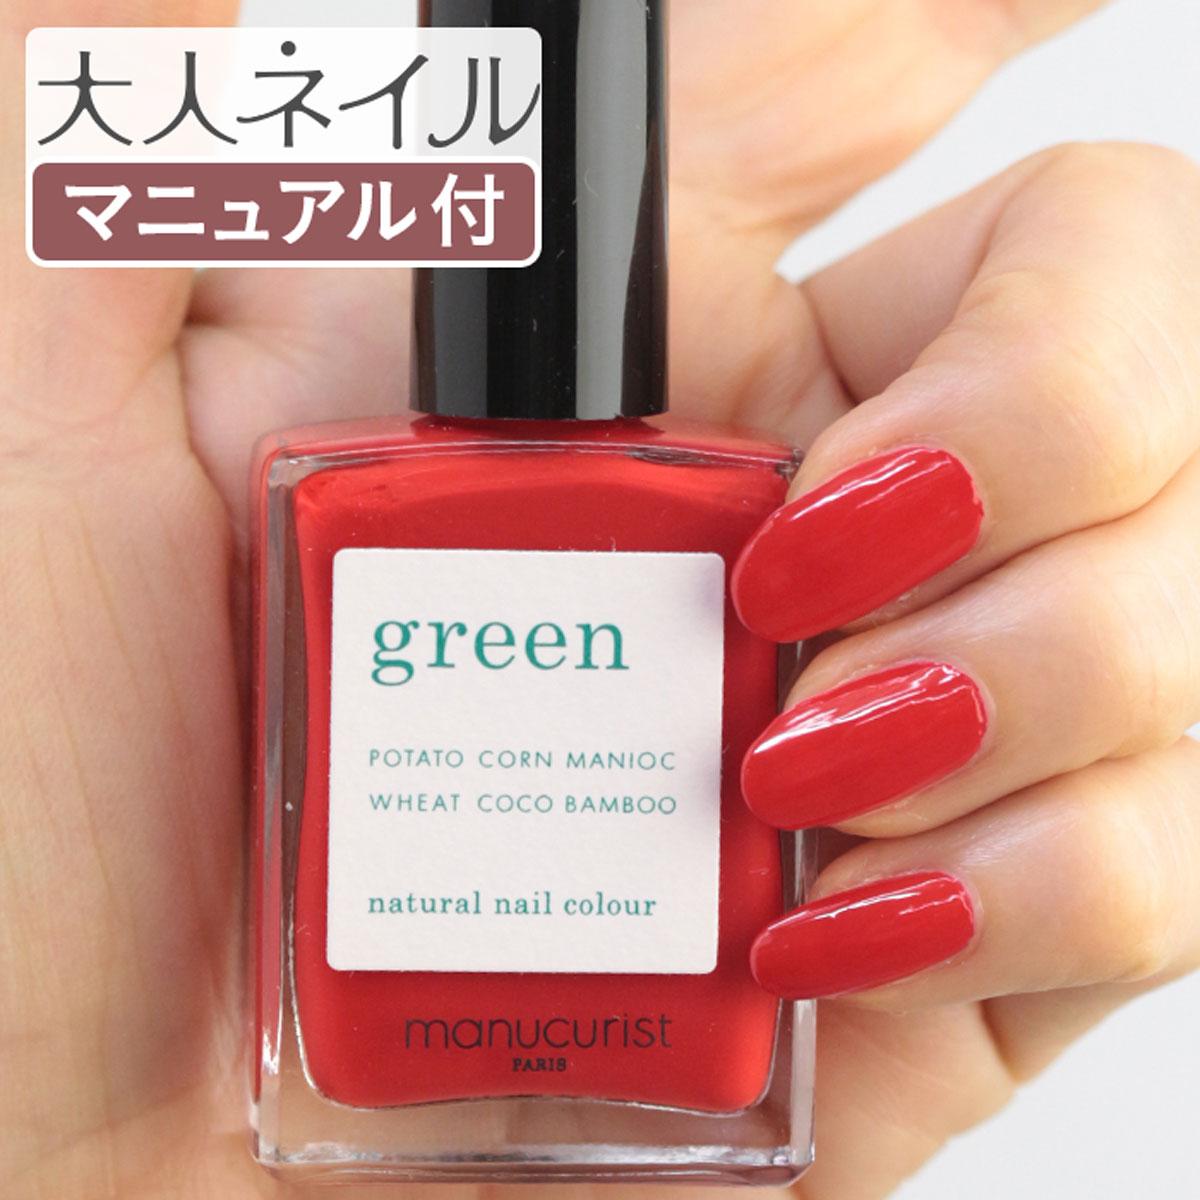 green グリーン ナチュラルネイルカラー ポピーレッド 31003 15ml 爪にやさしい マニキュア セルフネイル レッド ペディキュア